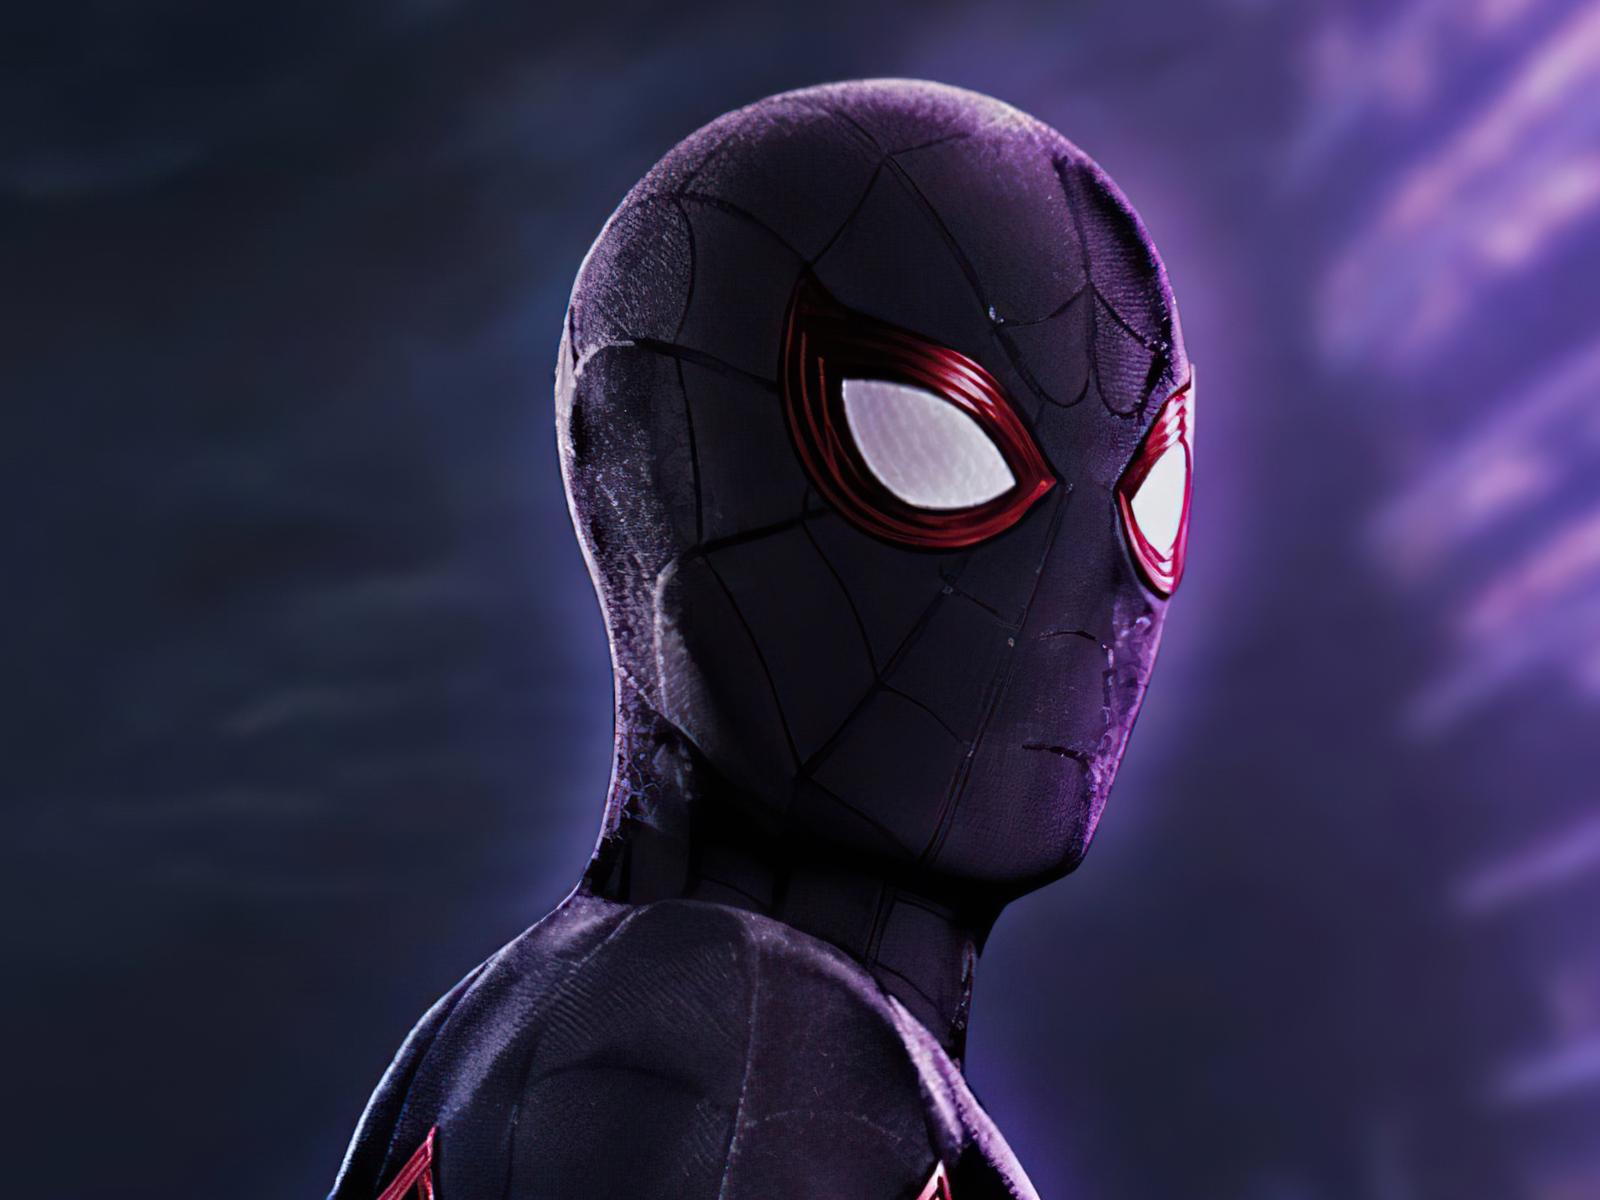 1600x1200 Black Spider Man 2020 4k 1600x1200 Resolution HD ...